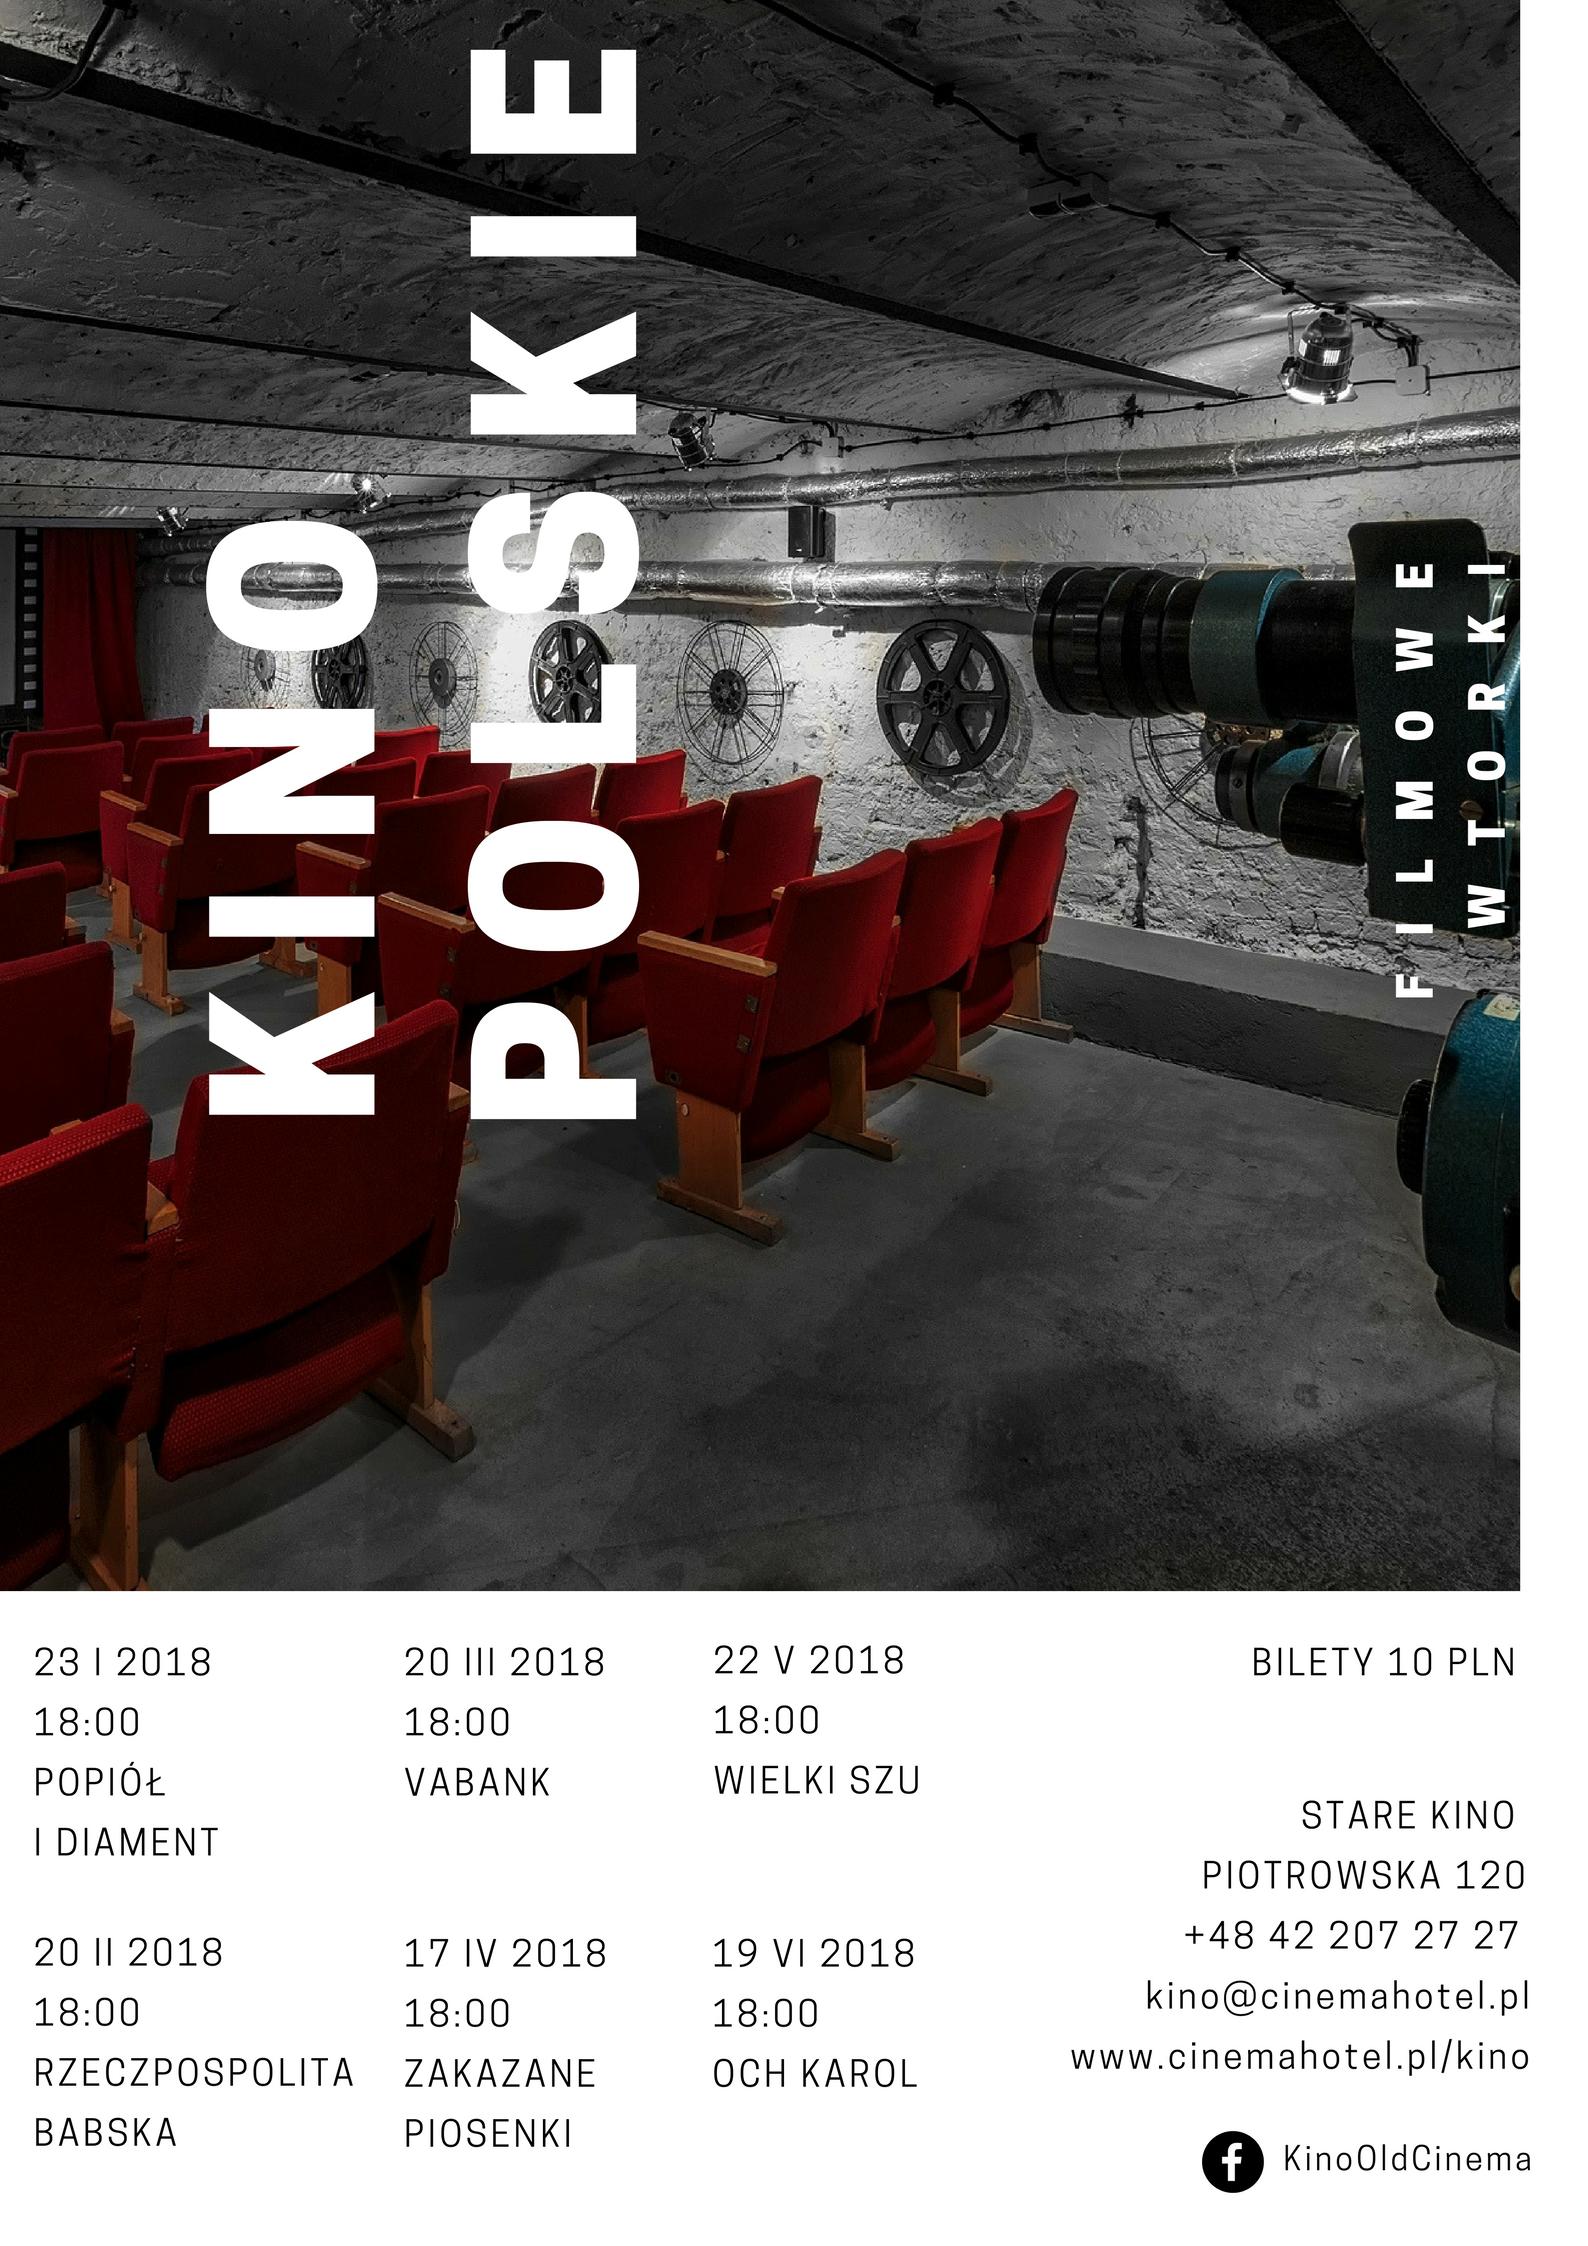 Filmowe wtorki z kinem polskim w Starym Kinie